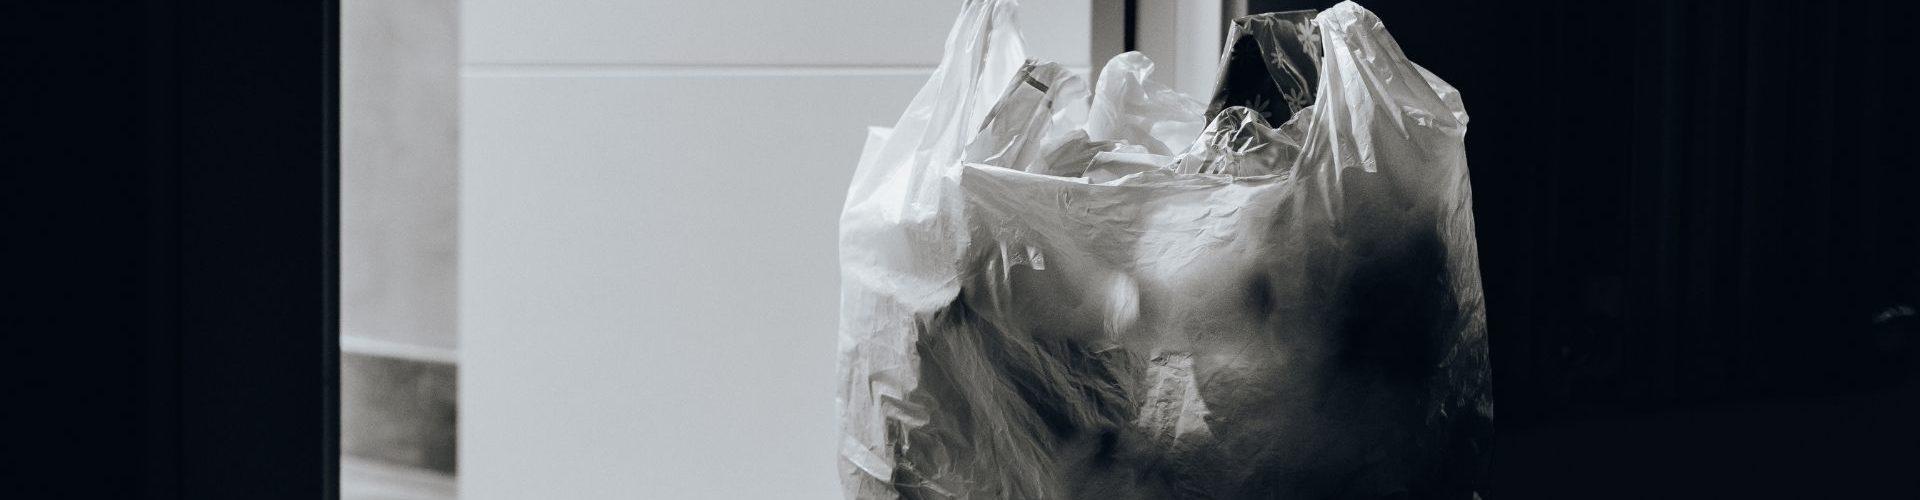 Things to Get Rid of - Trash Bag By Door